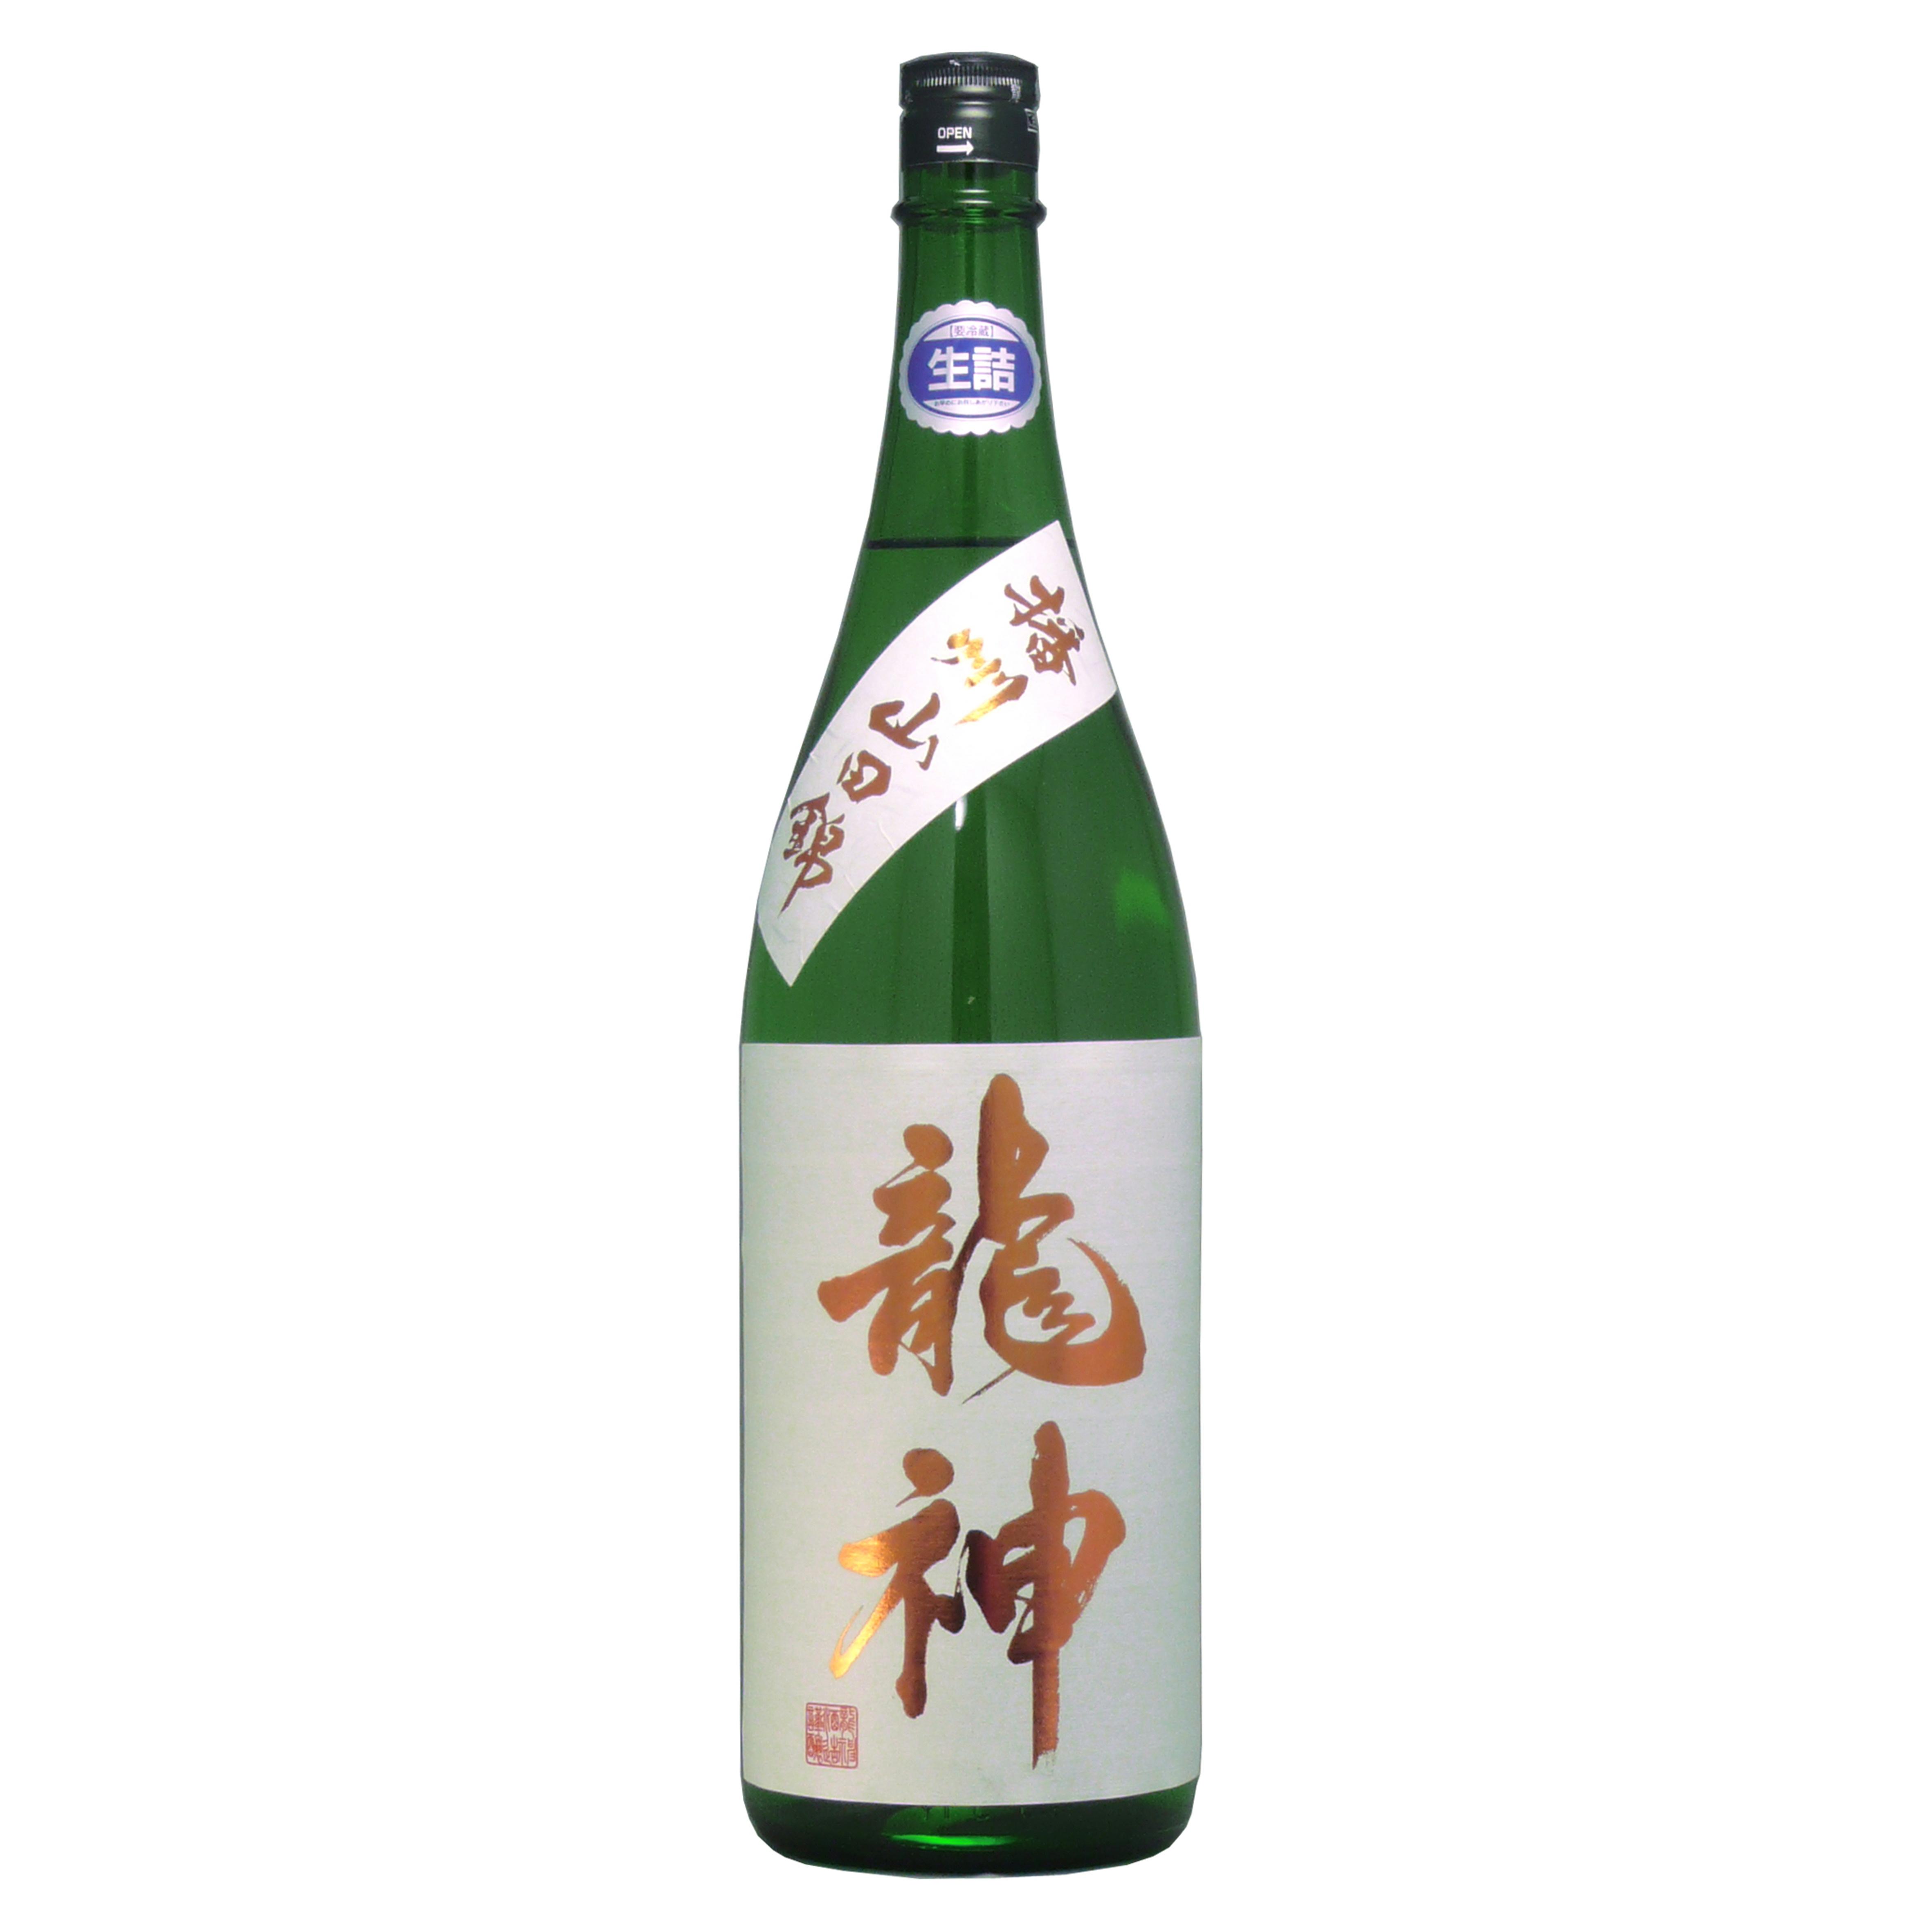 龍神 純米大吟醸 播州山田錦 1800ml